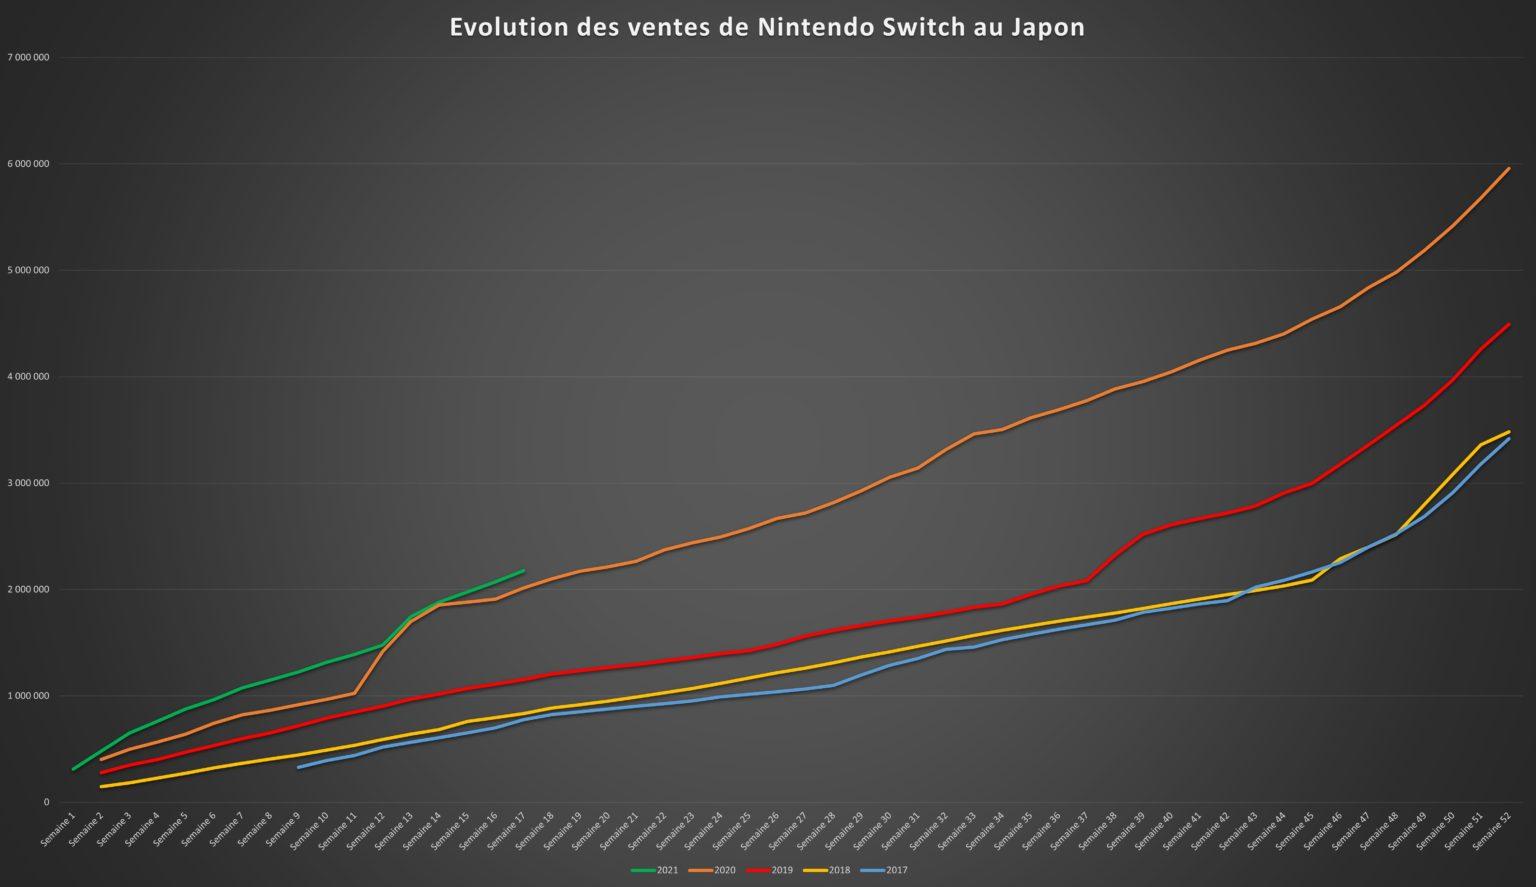 Top des ventes de jeux et consoles au Japon - Semaine 17